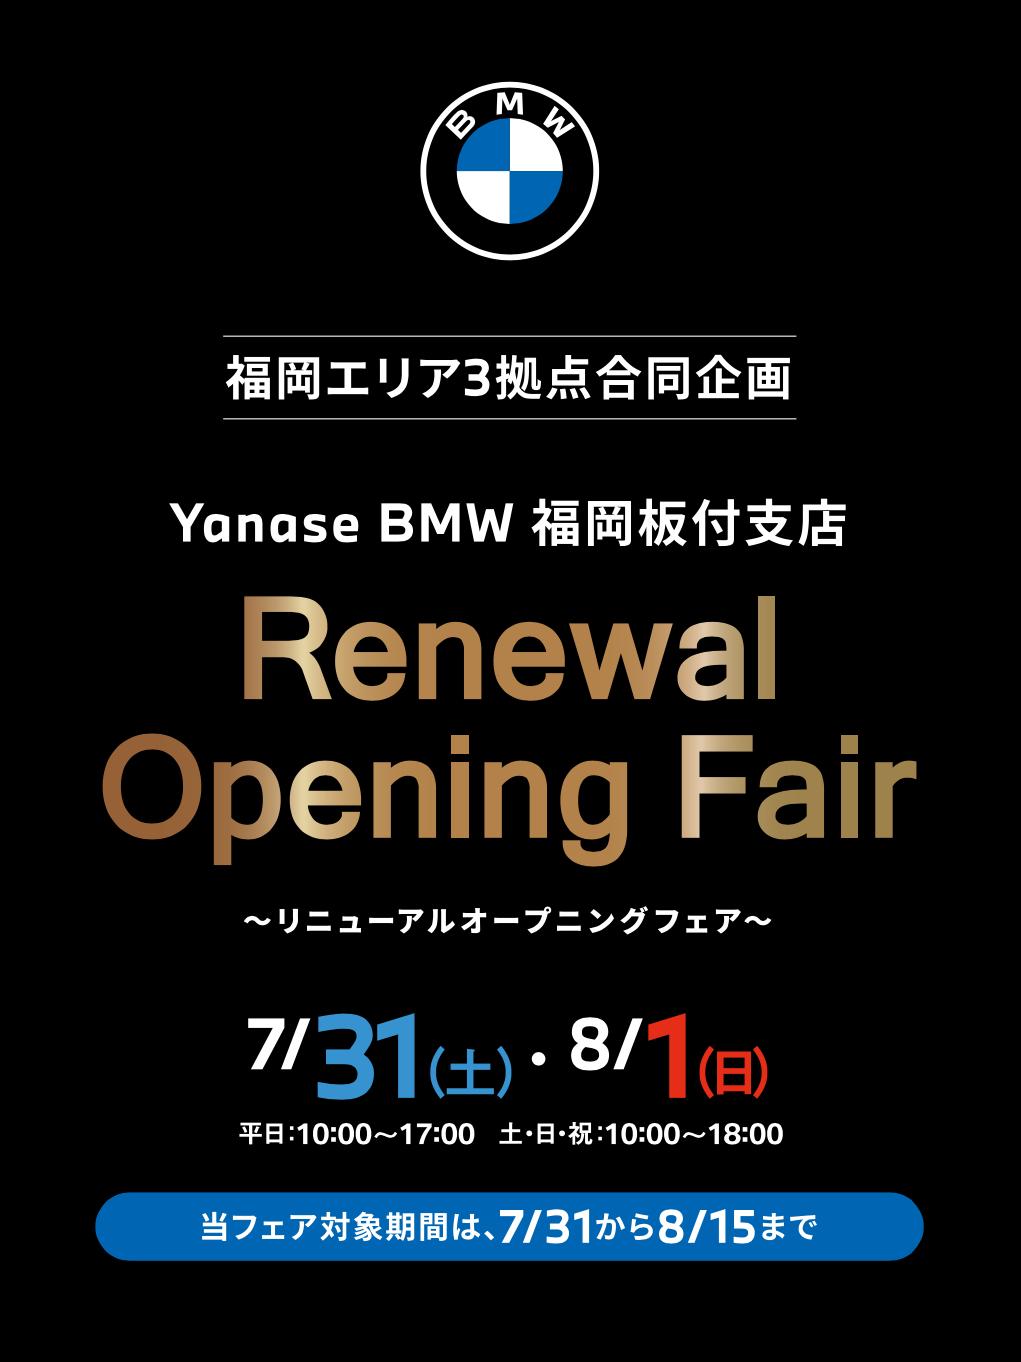 Yanase BMW Fukuokaltazuke Renewal Opening Fair